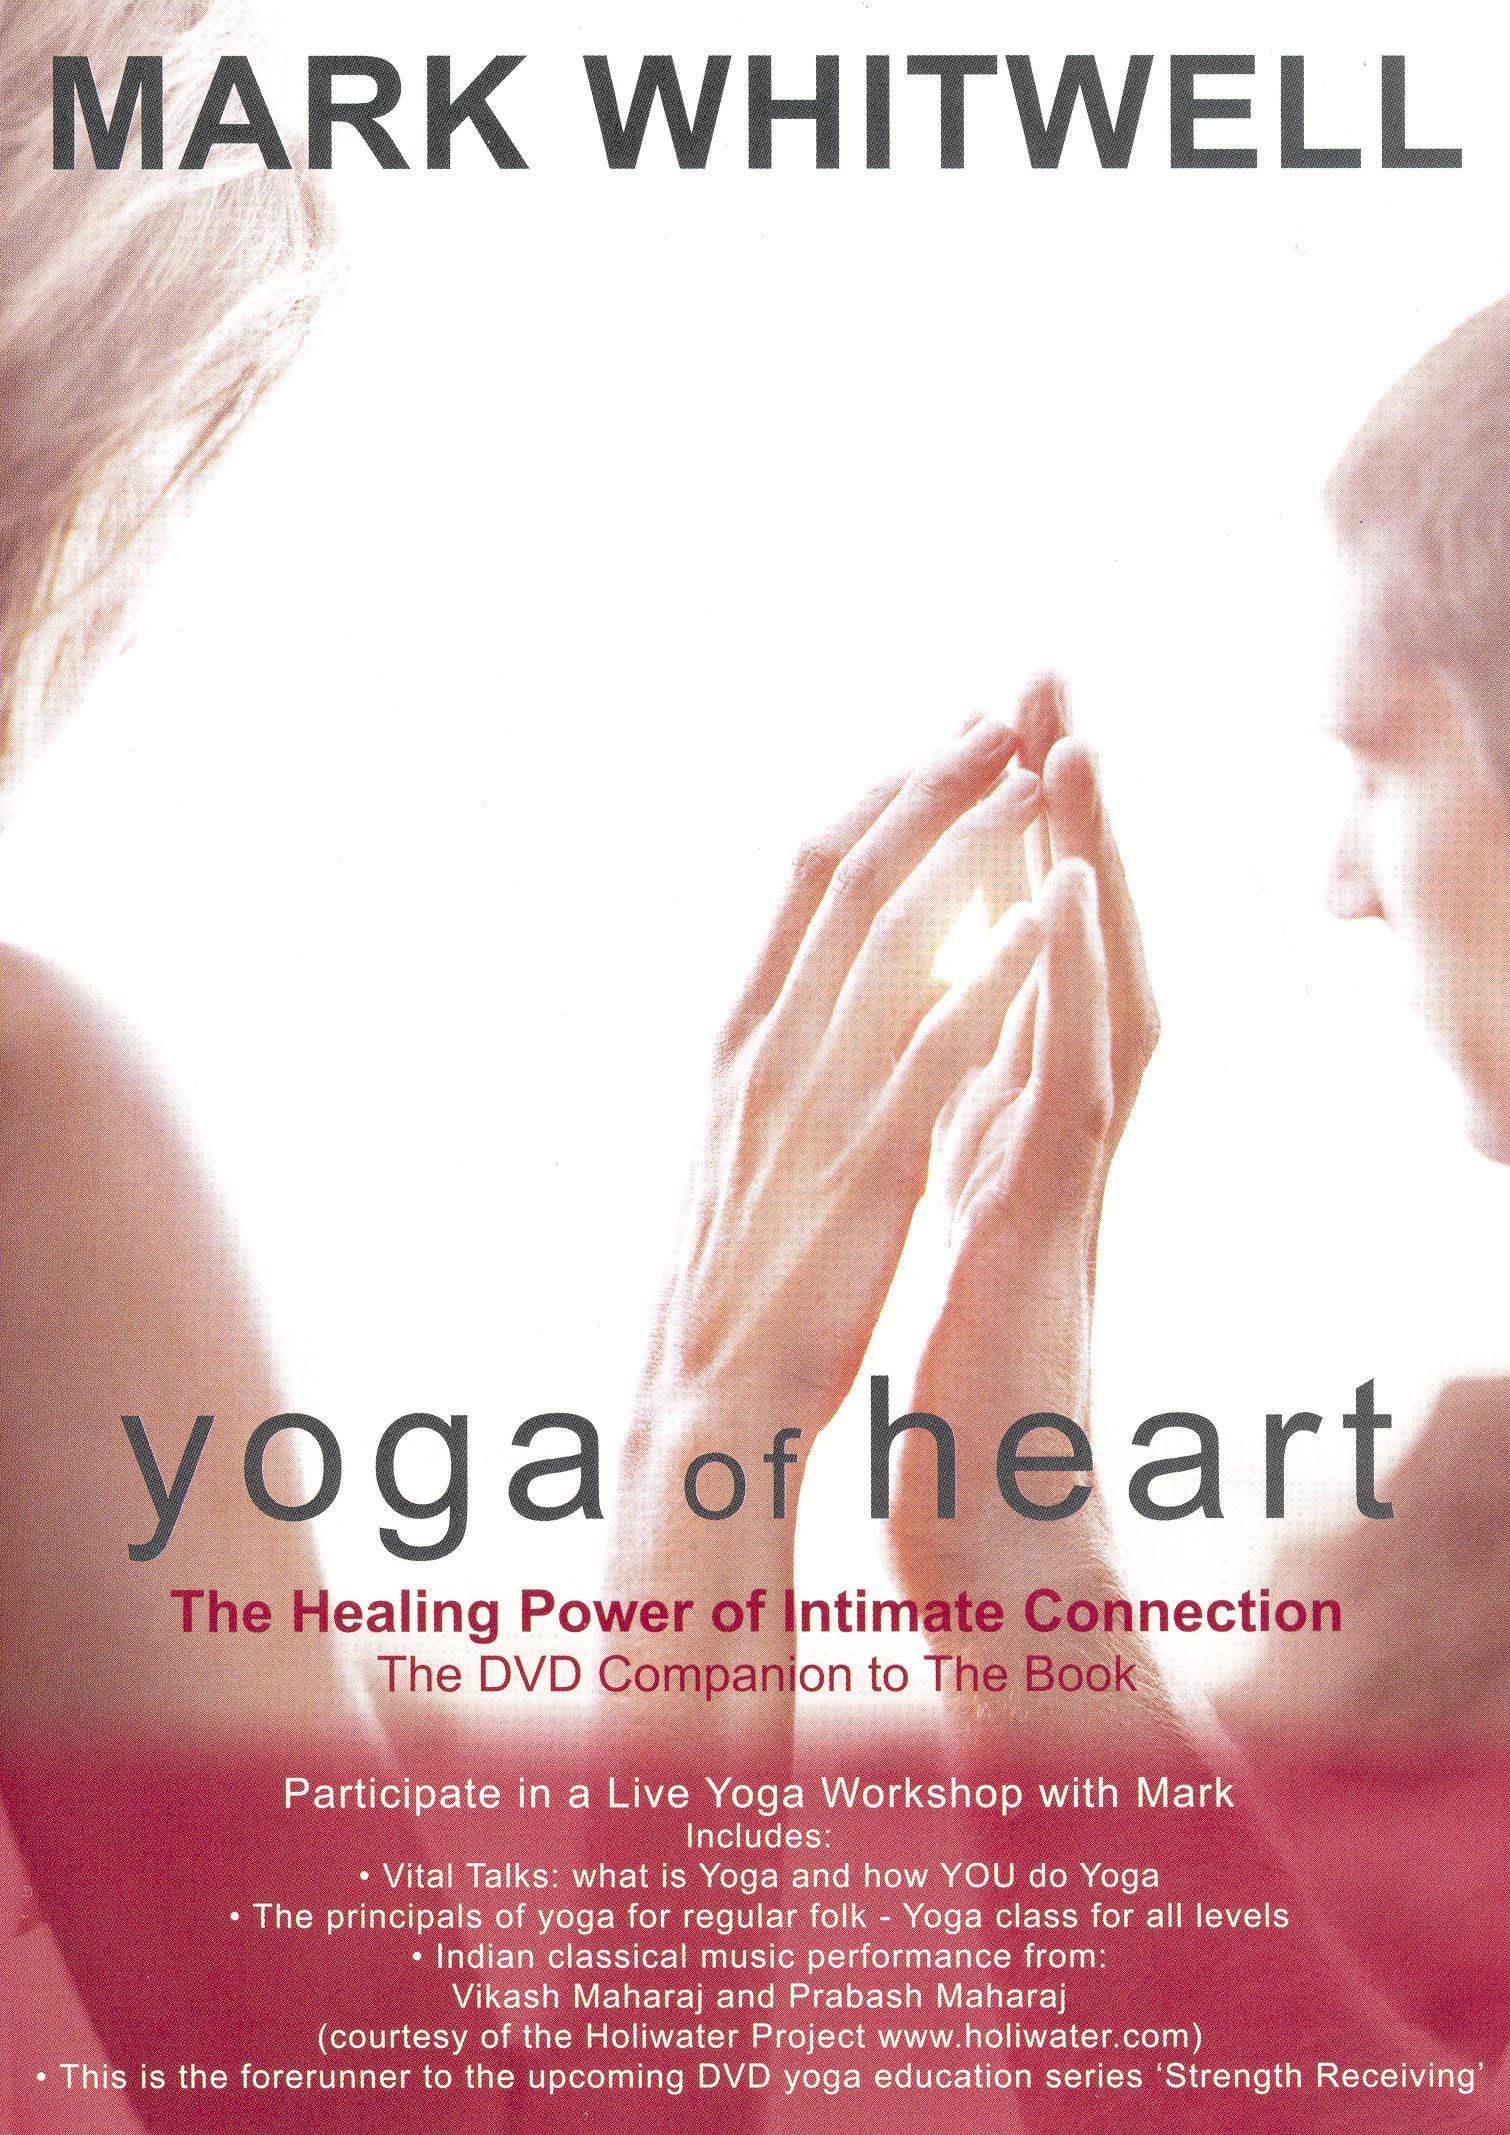 Mark Whitwell: Yoga of Heart